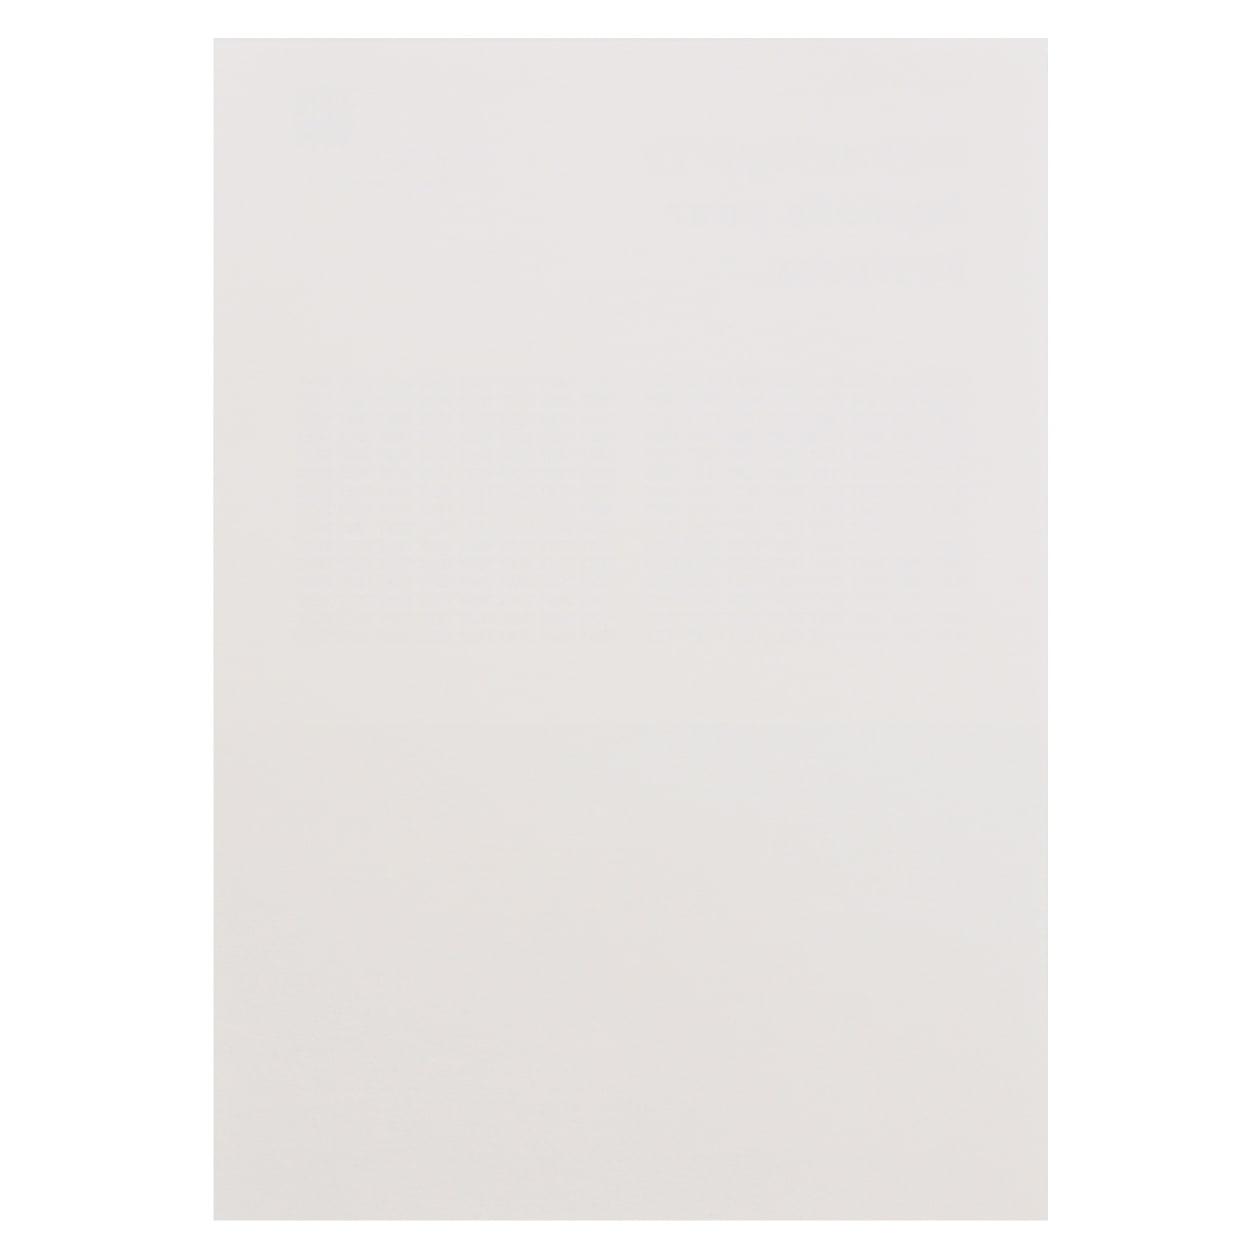 サンプル カード・シート 00180